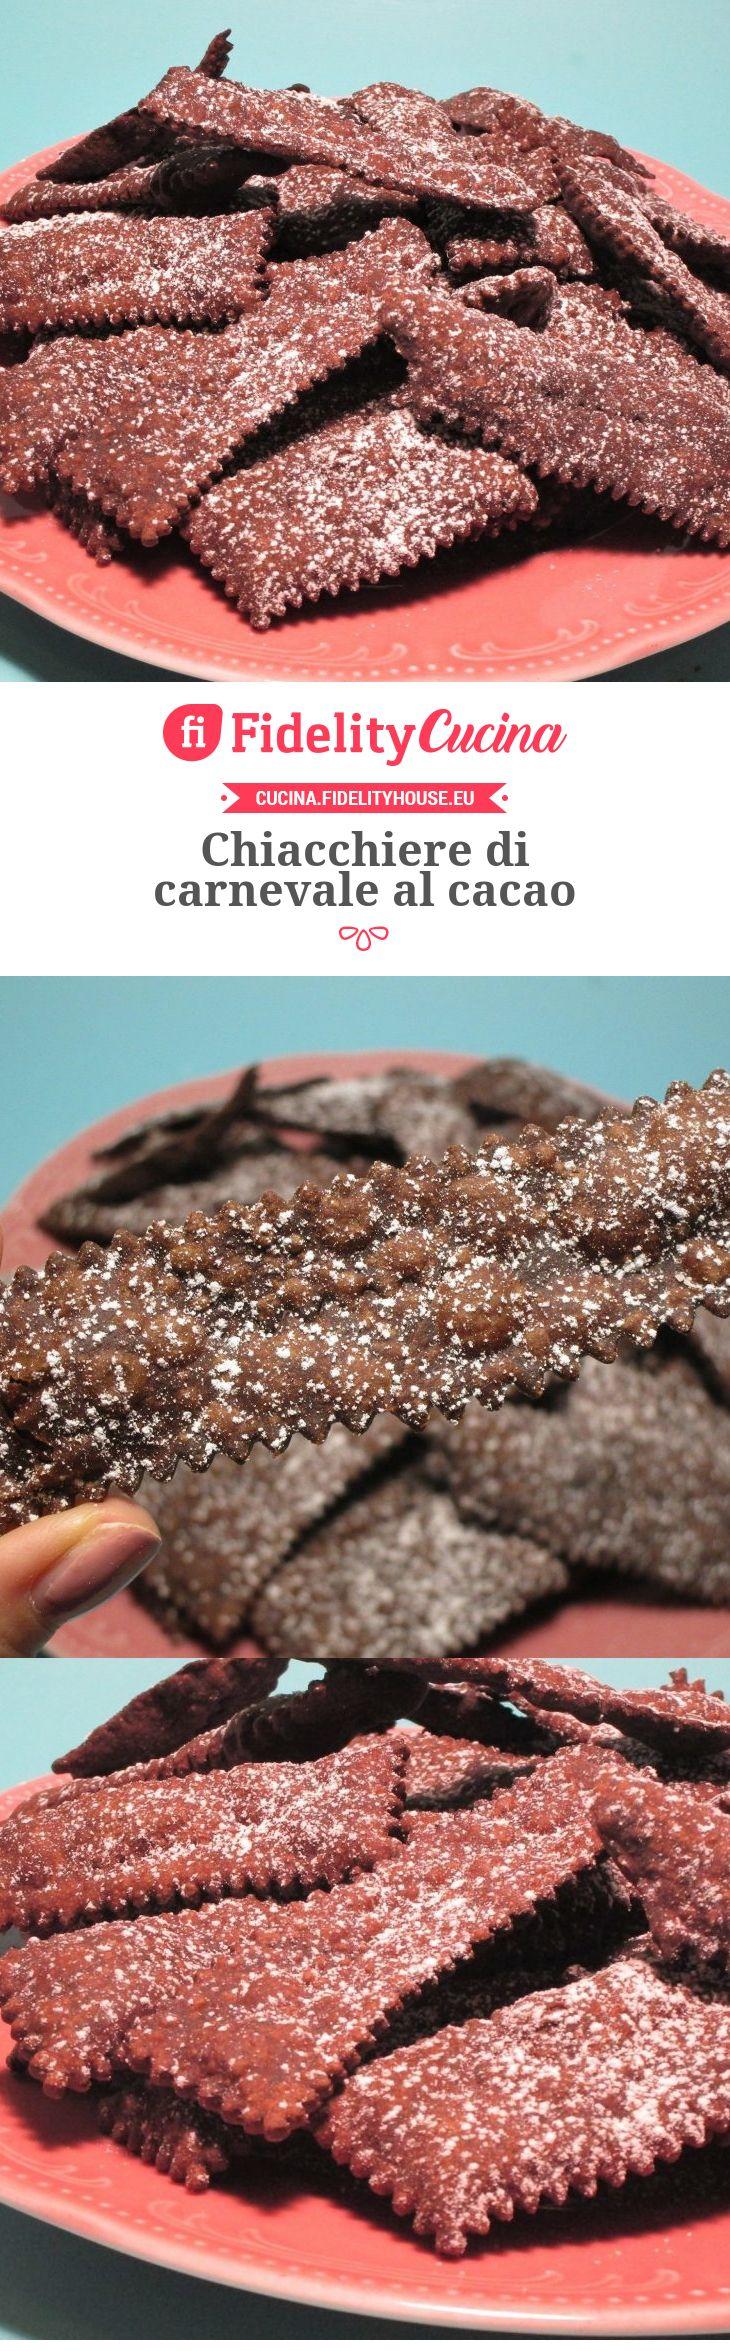 Chiacchiere di carnevale al cacao